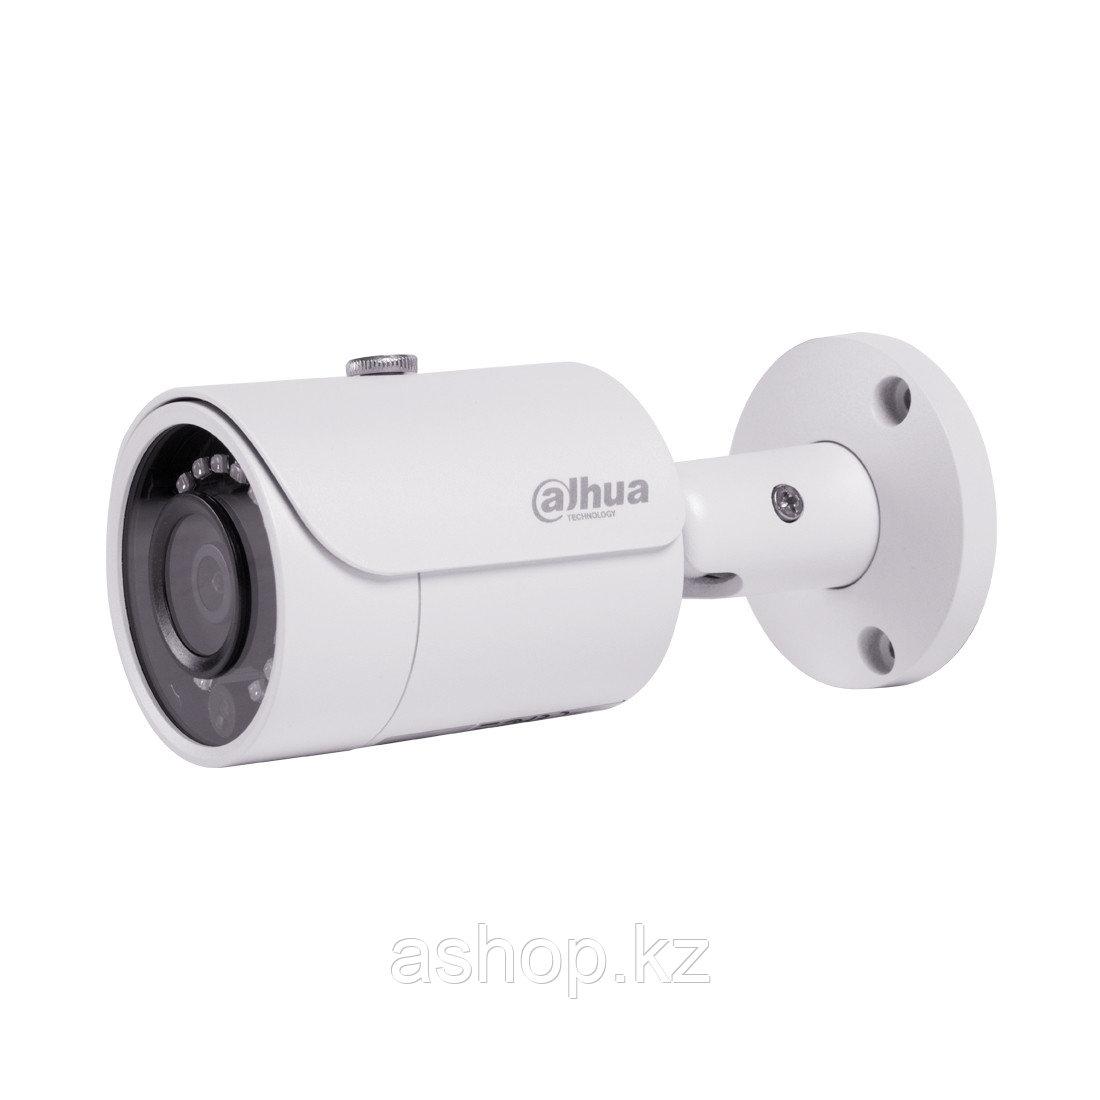 Камера IP цилиндрическая Dahua DH-IPC-HFW1431SP-0360B, Разрешение: 4 Mpi dpi, Тип объектива: f = 3,6 мм, ИК по